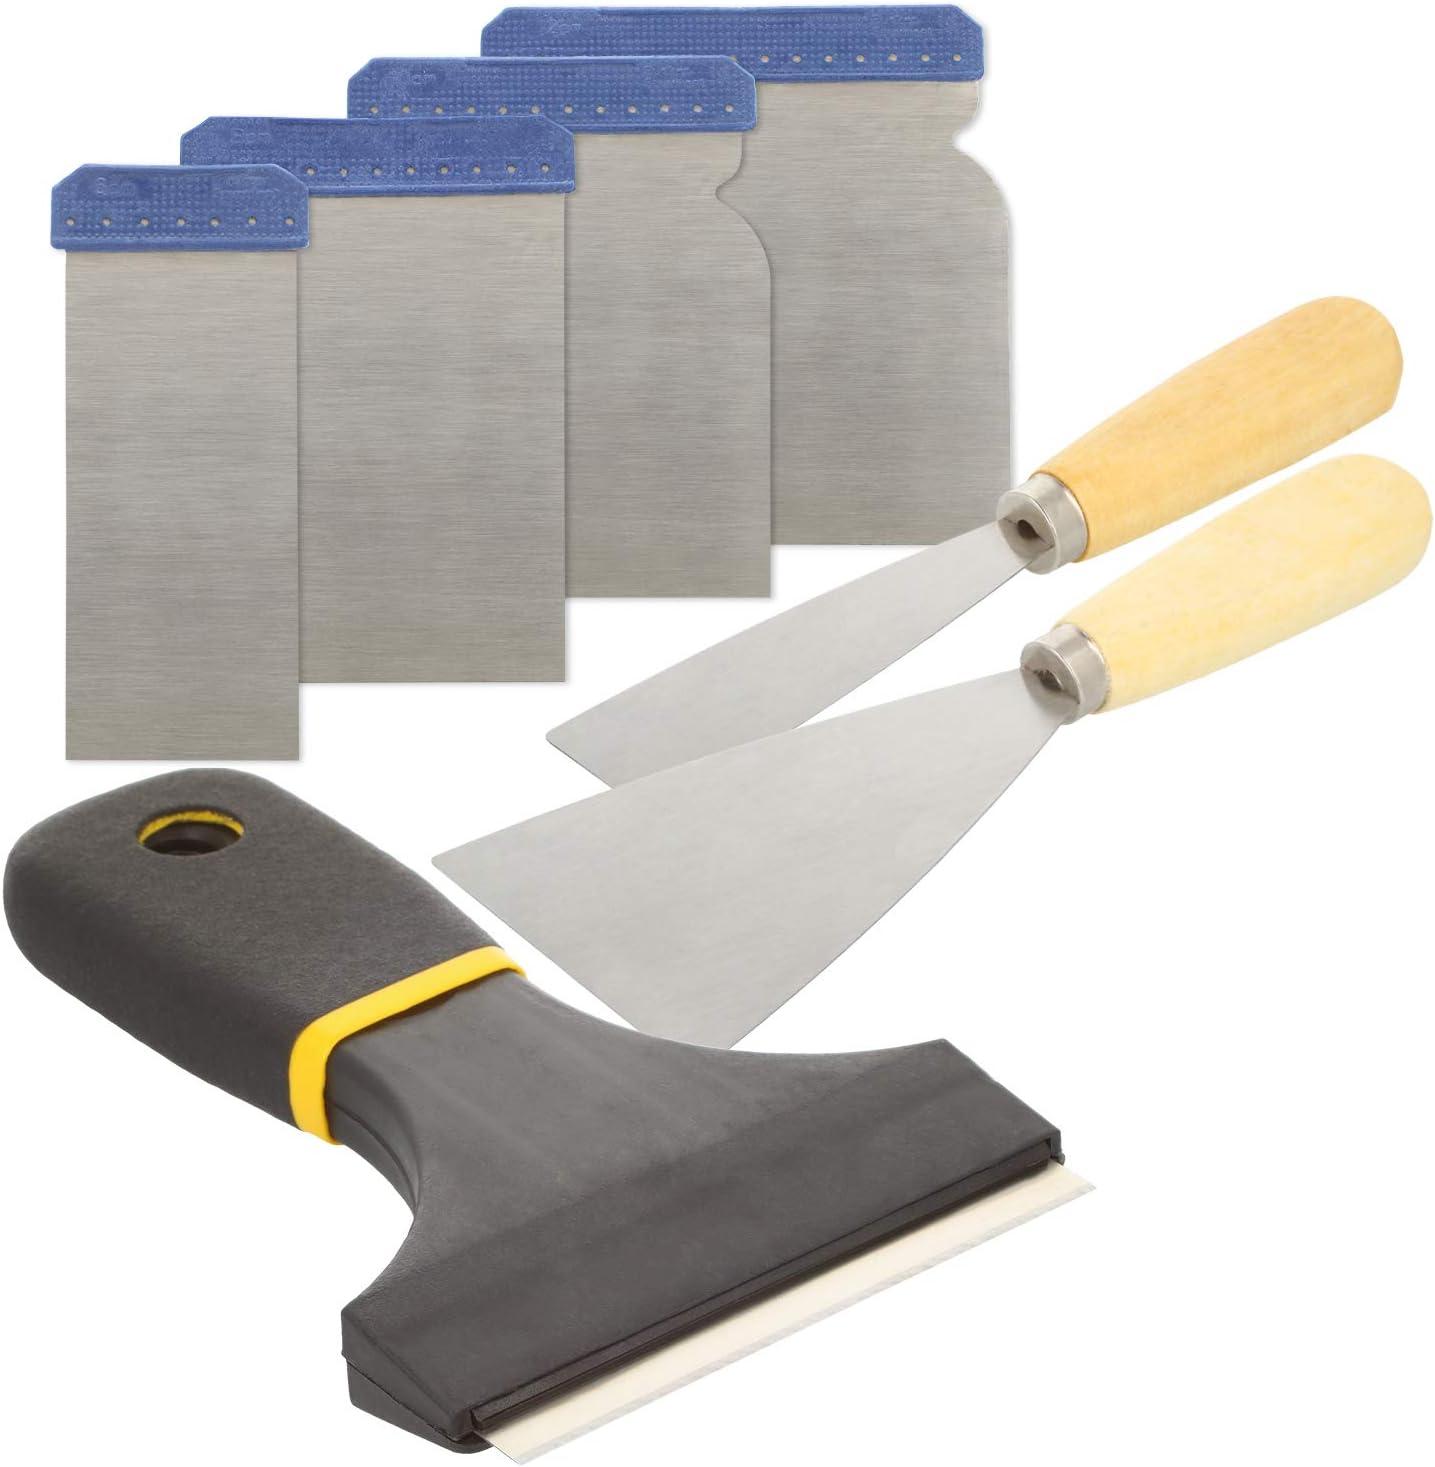 Spatule Japonaise et grattoir /à Peinture la r/énovation et lart Diverses spatules pour Les Loisirs Set 01-09 pi/èces la Construction com-four/® Ensemble de 9 spatules